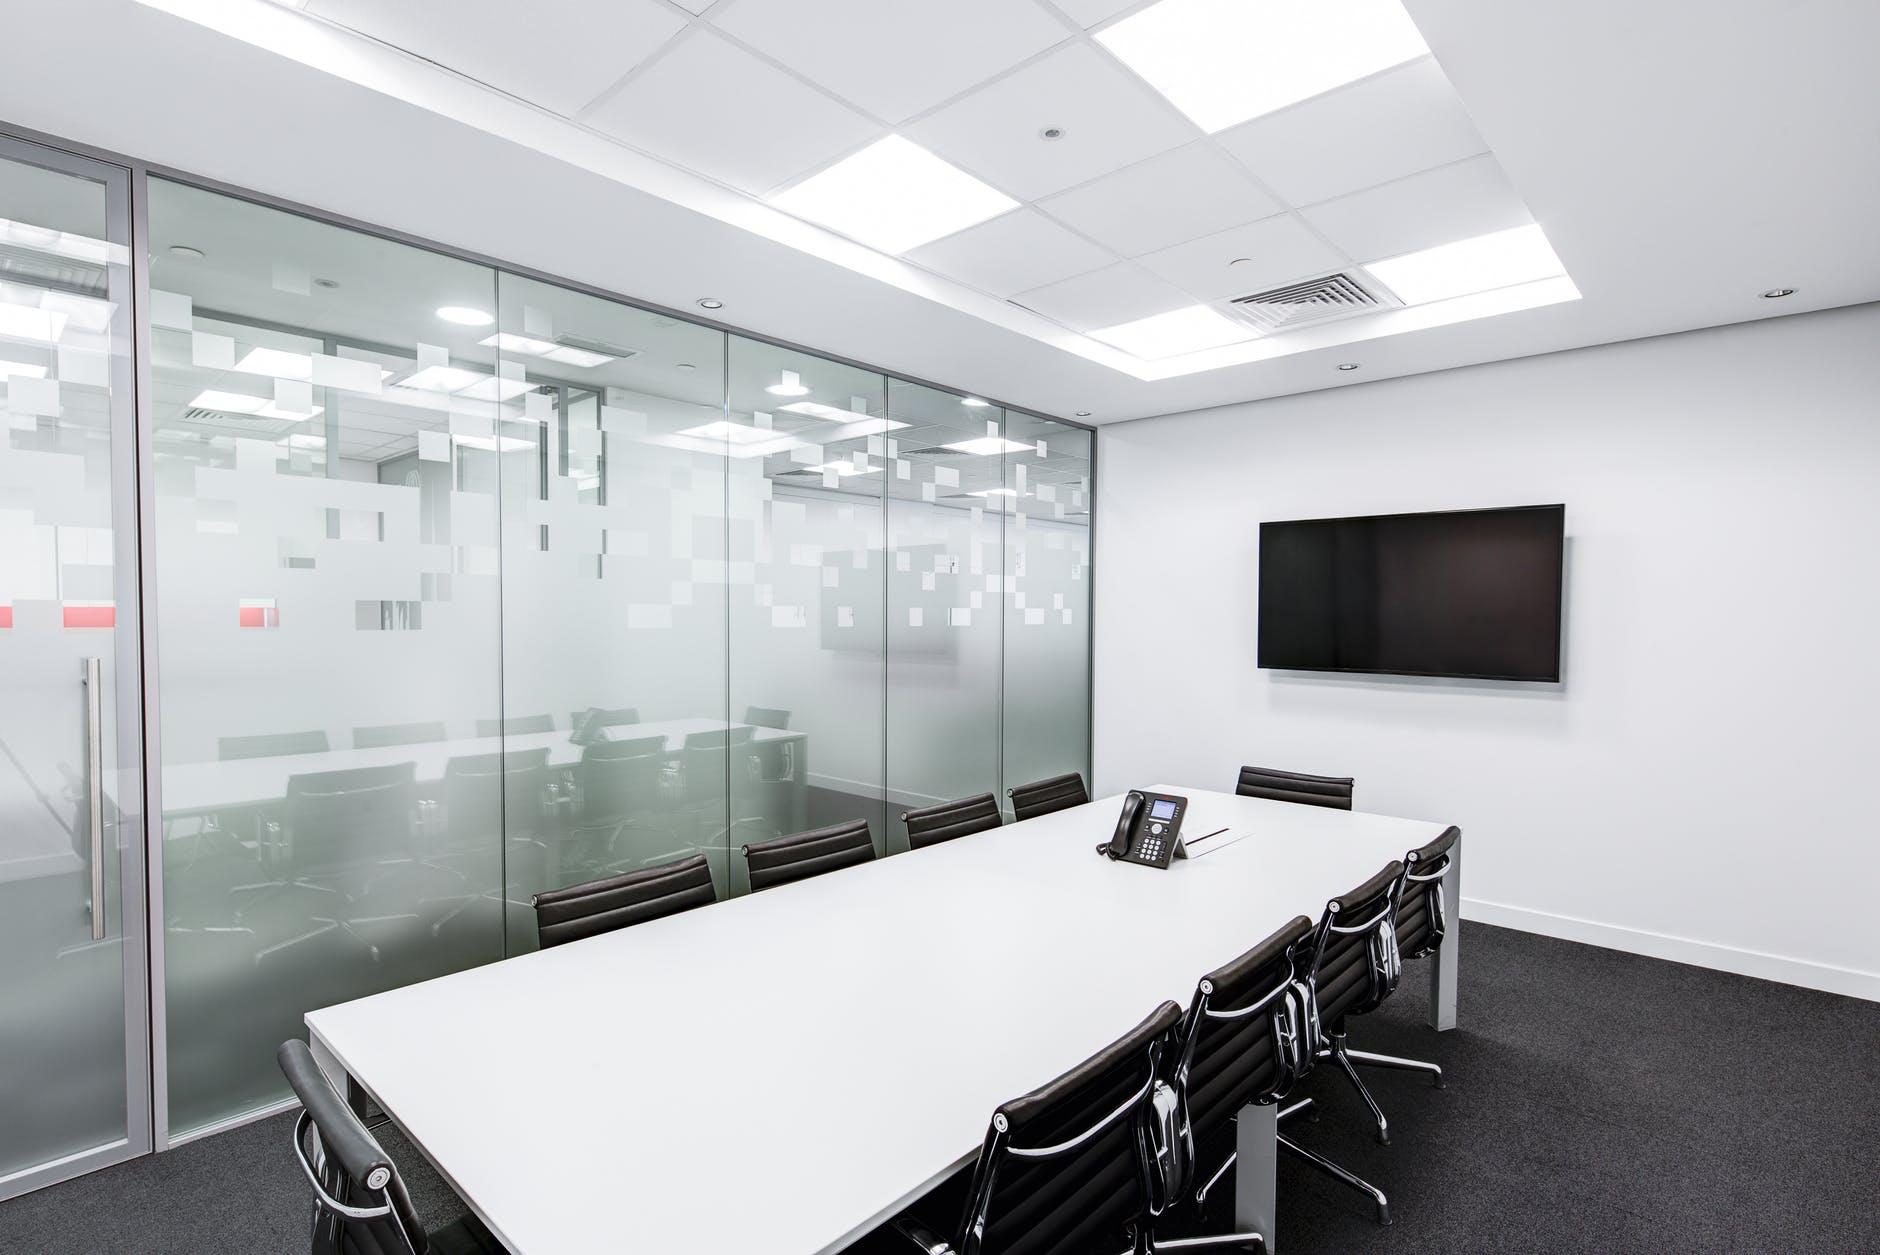 Офис для босса: 4 идеи как оформить кабинет руководителя